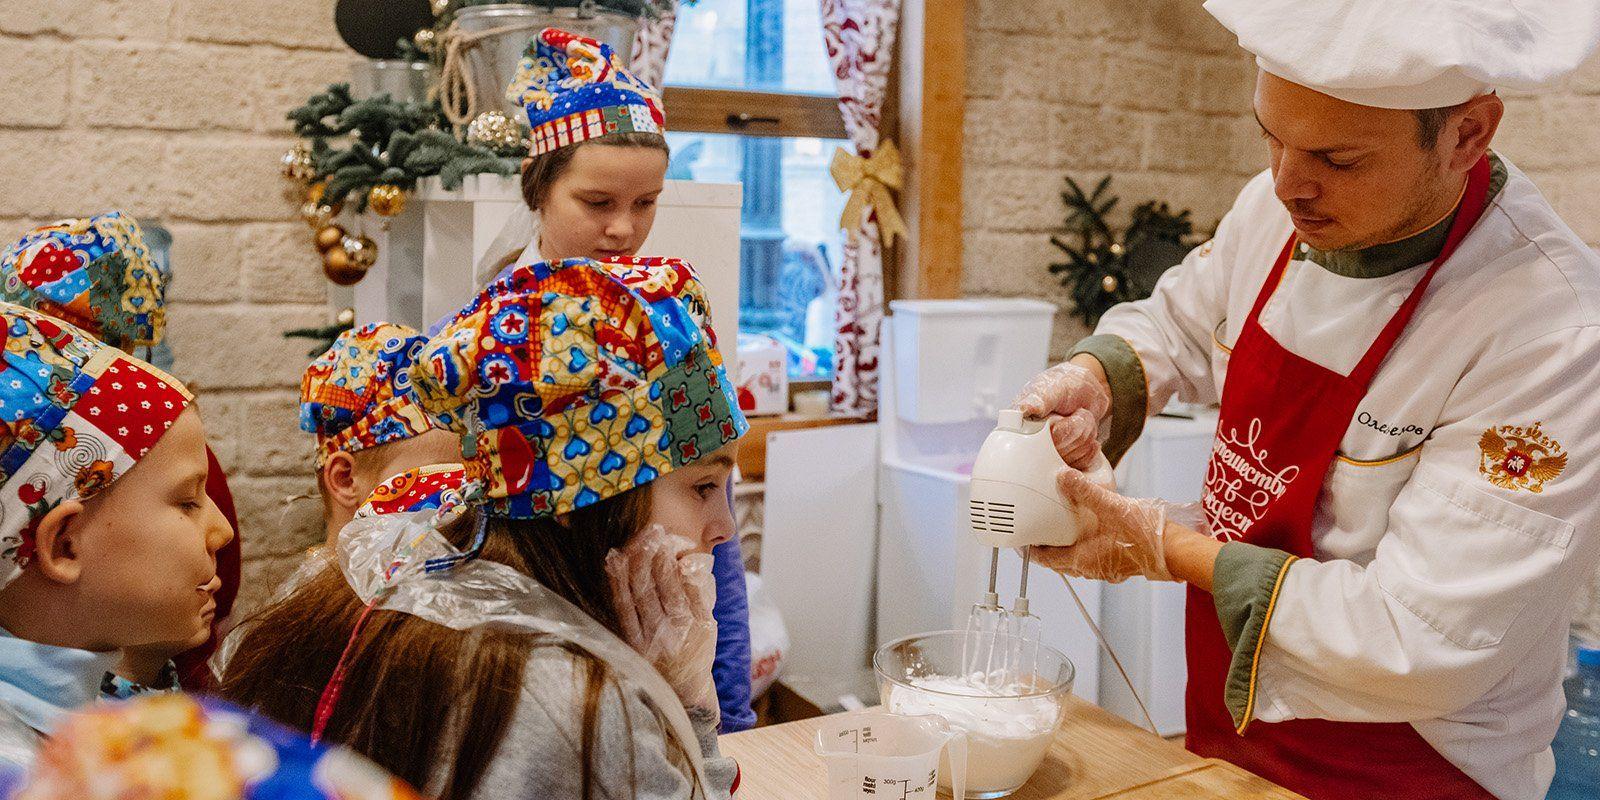 Фестиваль «Путешествие в Рождество»: жители Троицка смогут поучаствовать в кулинарных мастер-классах